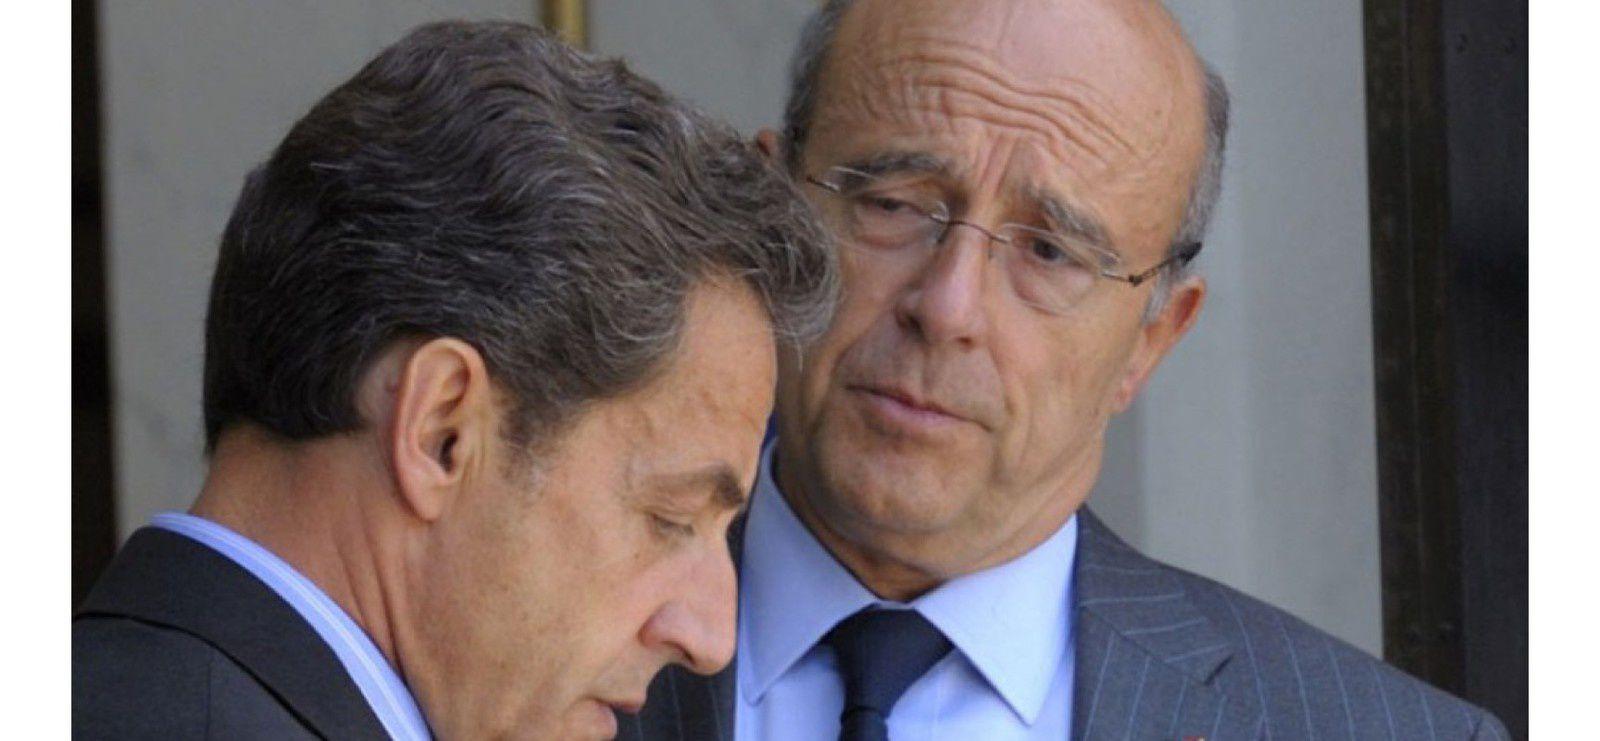 [Vidéo] Sarkozy est &quot&#x3B;un tueur sans foi ni loi&quot&#x3B;, la troublante confidence de Juppé (RTL)